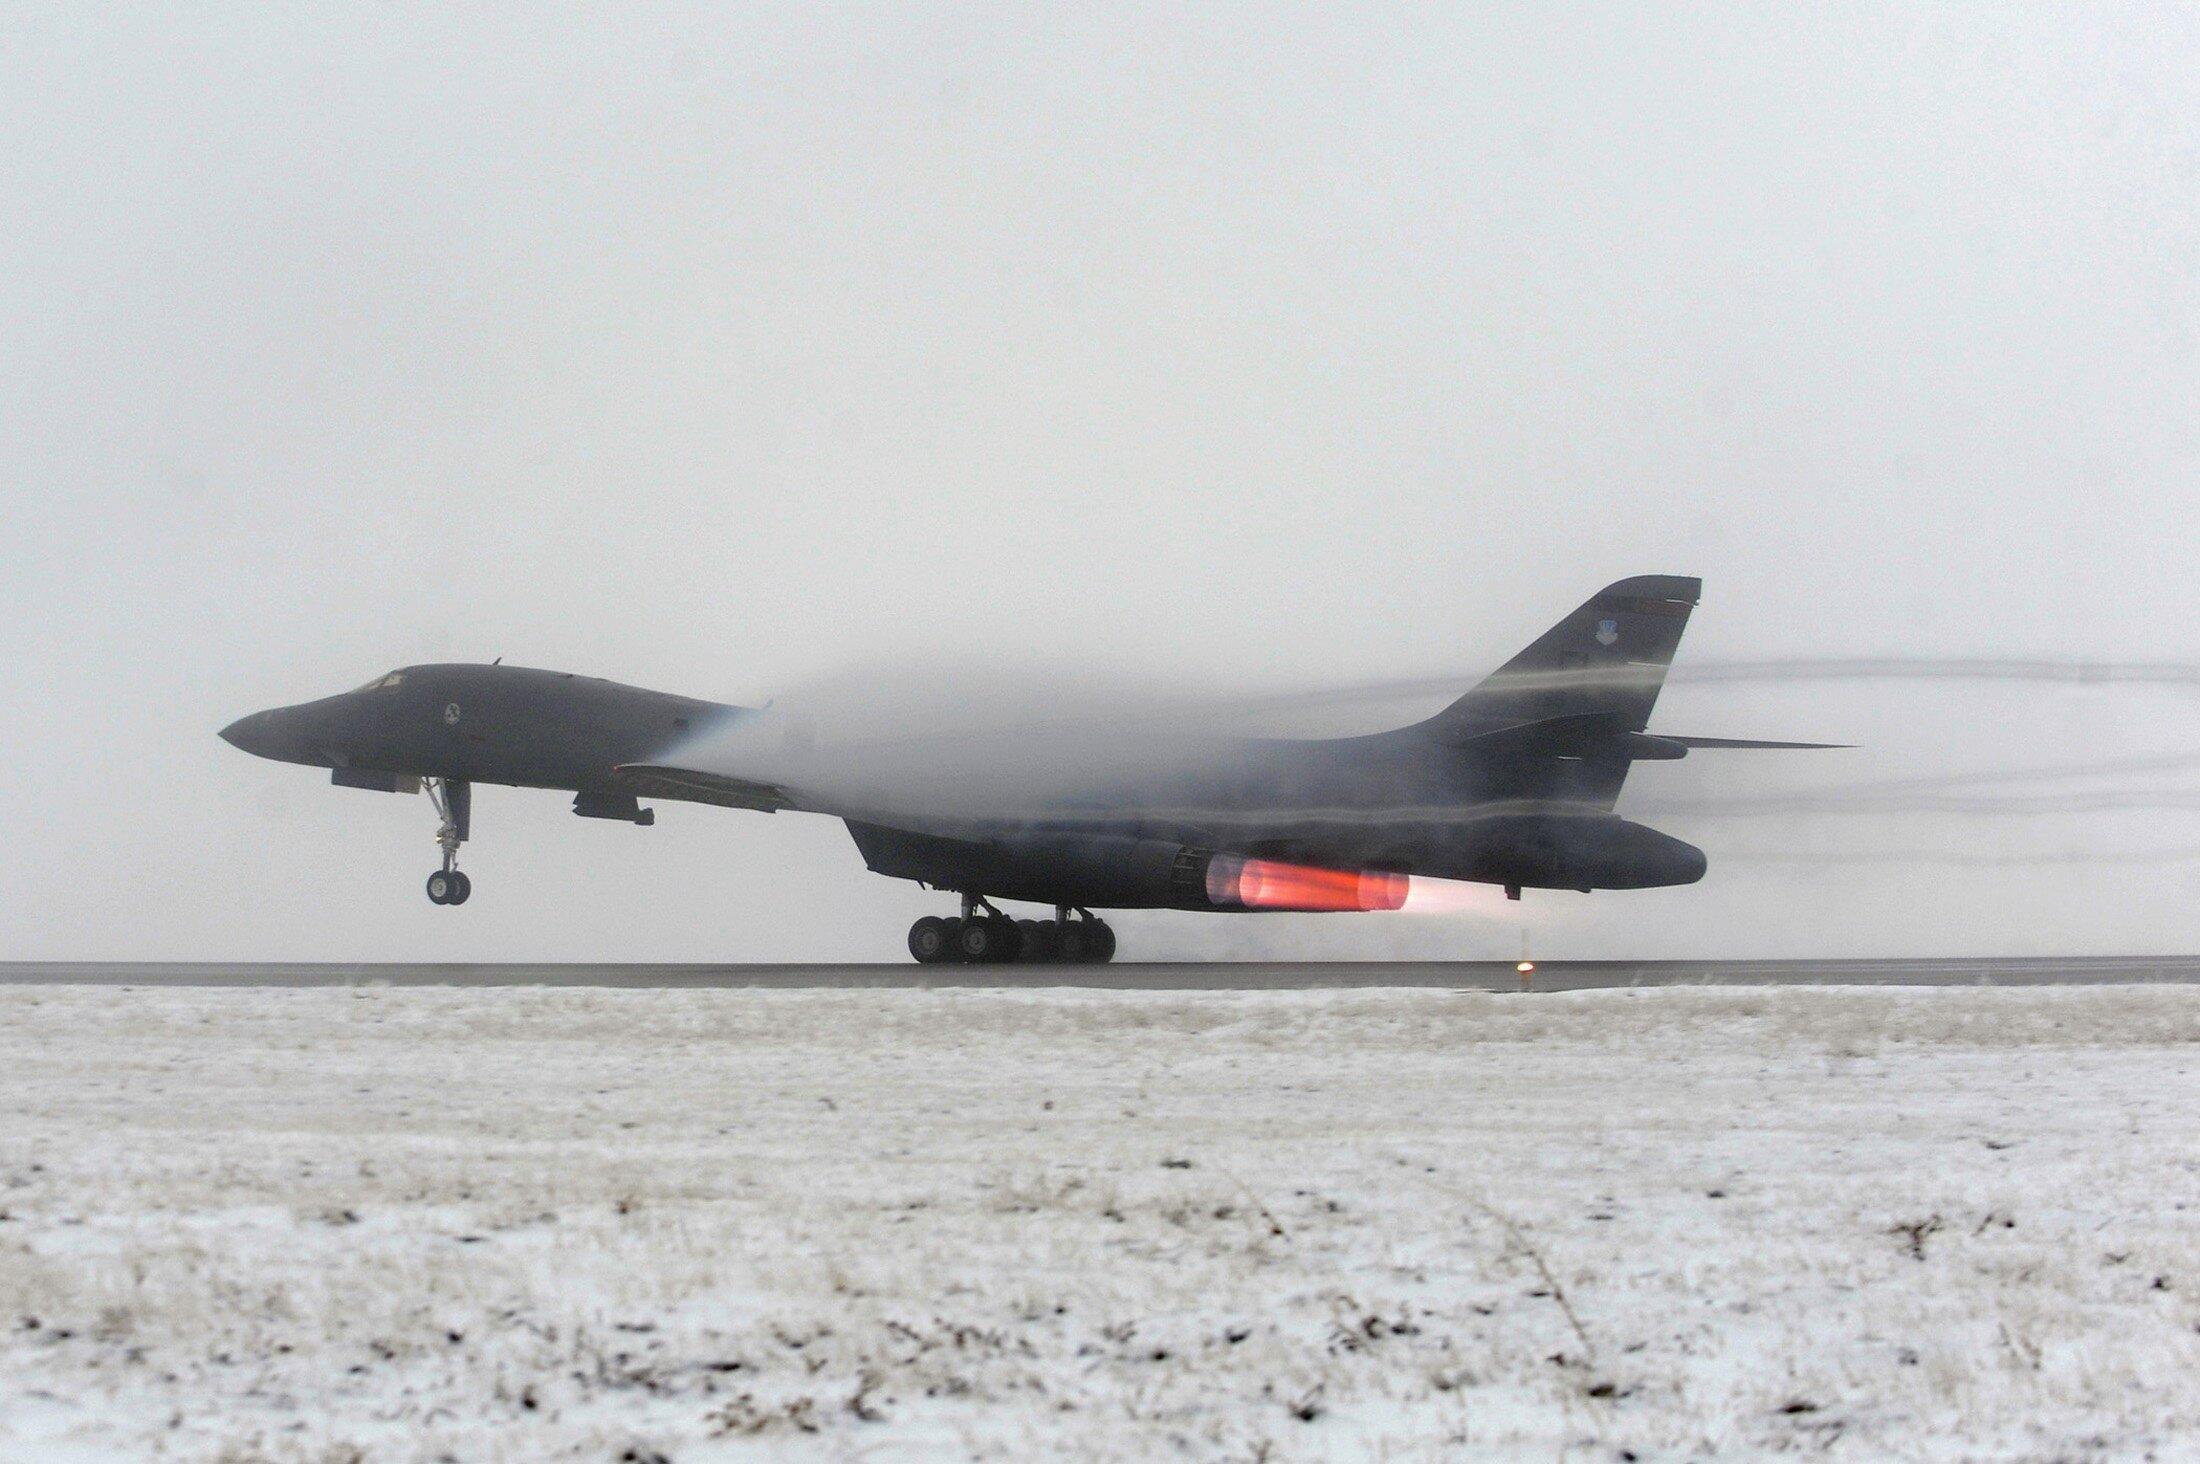 Oanh tạc chiến lực tầm xa B-1B cất cánh từ một sân bay Mỹ ngày 27/03/2011. Vào tháng 03/2016, Không quân Mỹ ngỏ ý muốn cho loại phi cơ này đặt căn cứ ở miền bắc Úc.